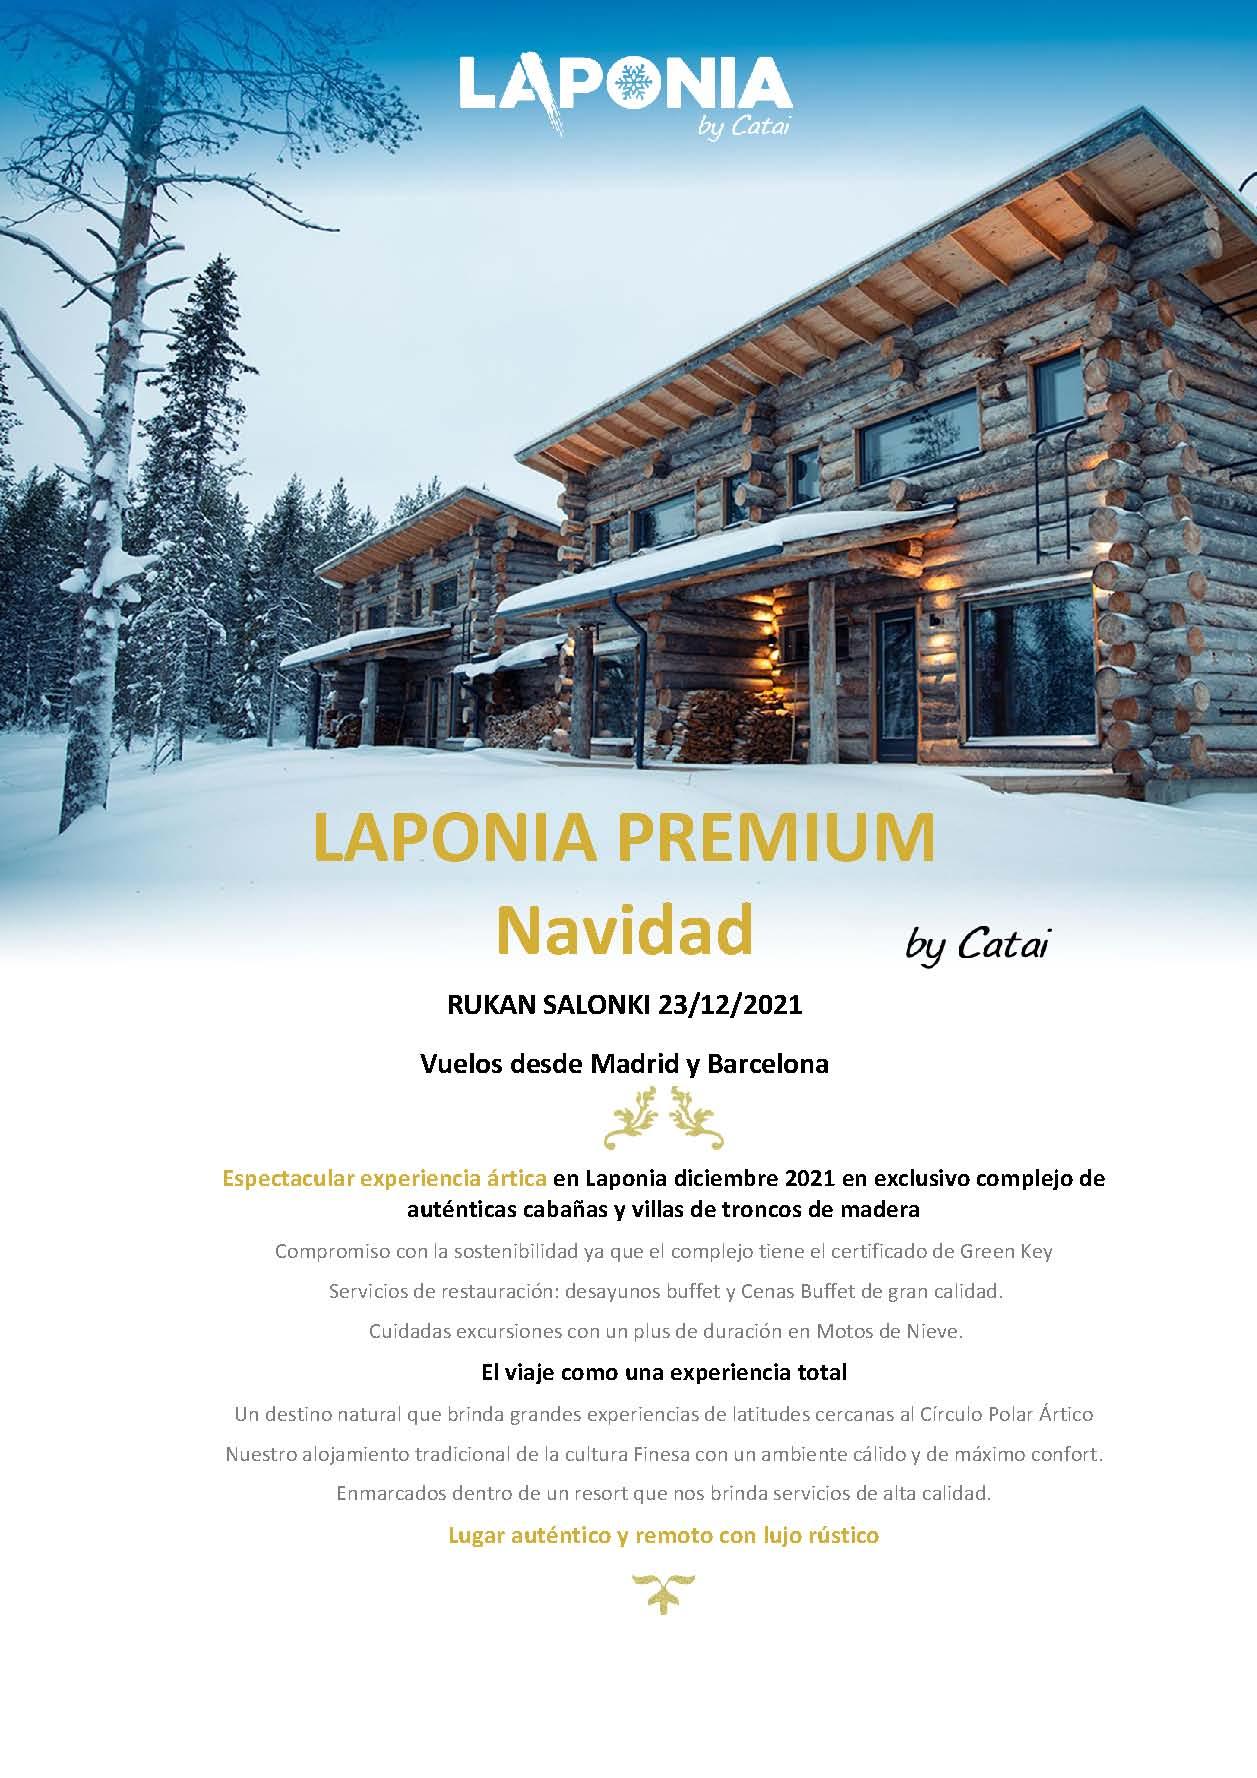 P Oferta Catai Navidad 2021 en Laponia Premium en Rukan Salonki salida en vuelo directo a Kuusamo desde Barcelona y Madrid